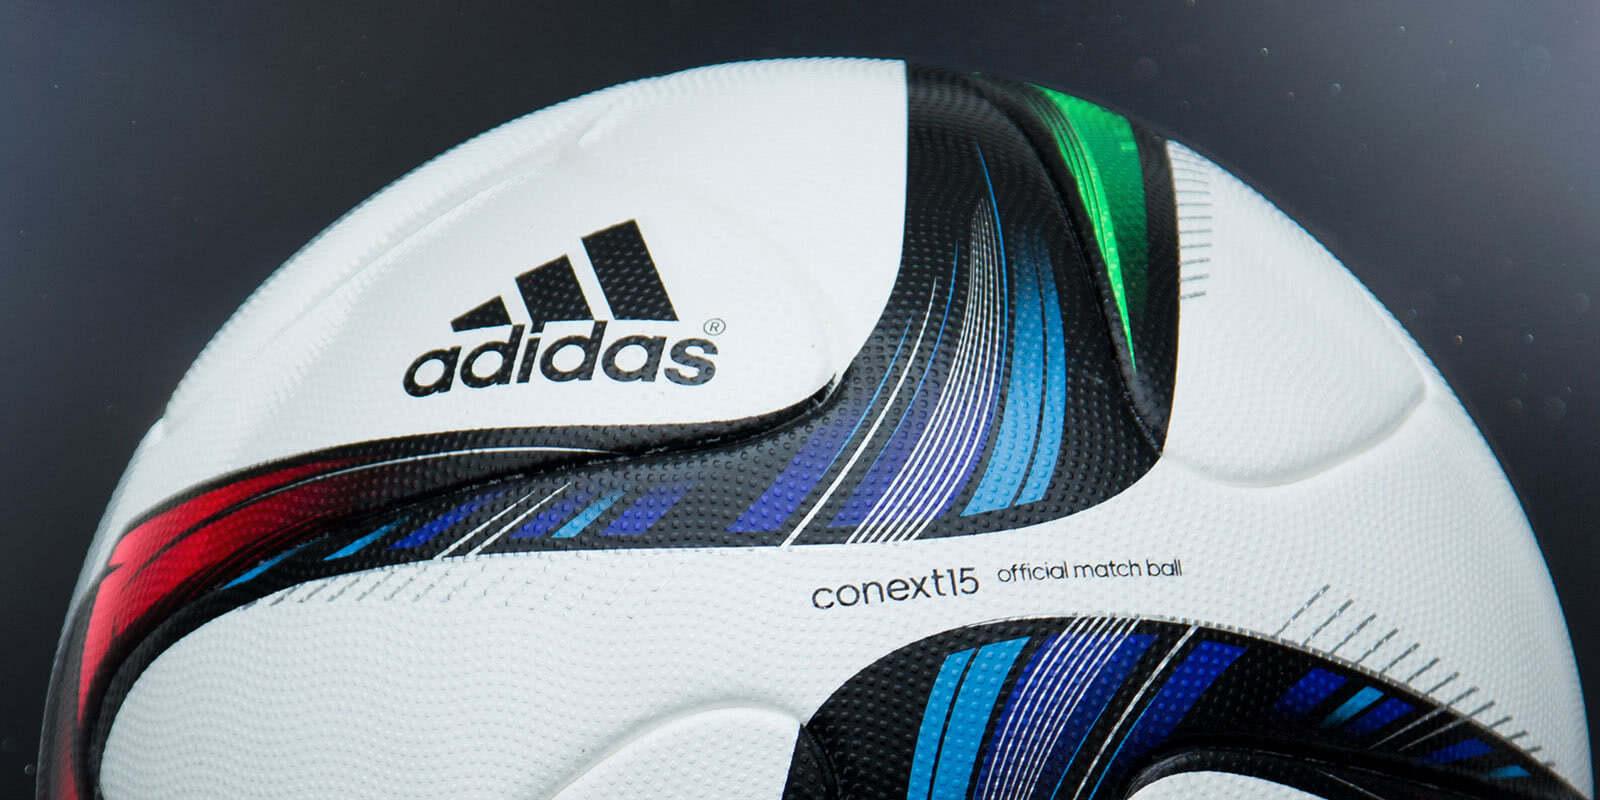 Adidas Conext 15 OMB als offizieller Spielball